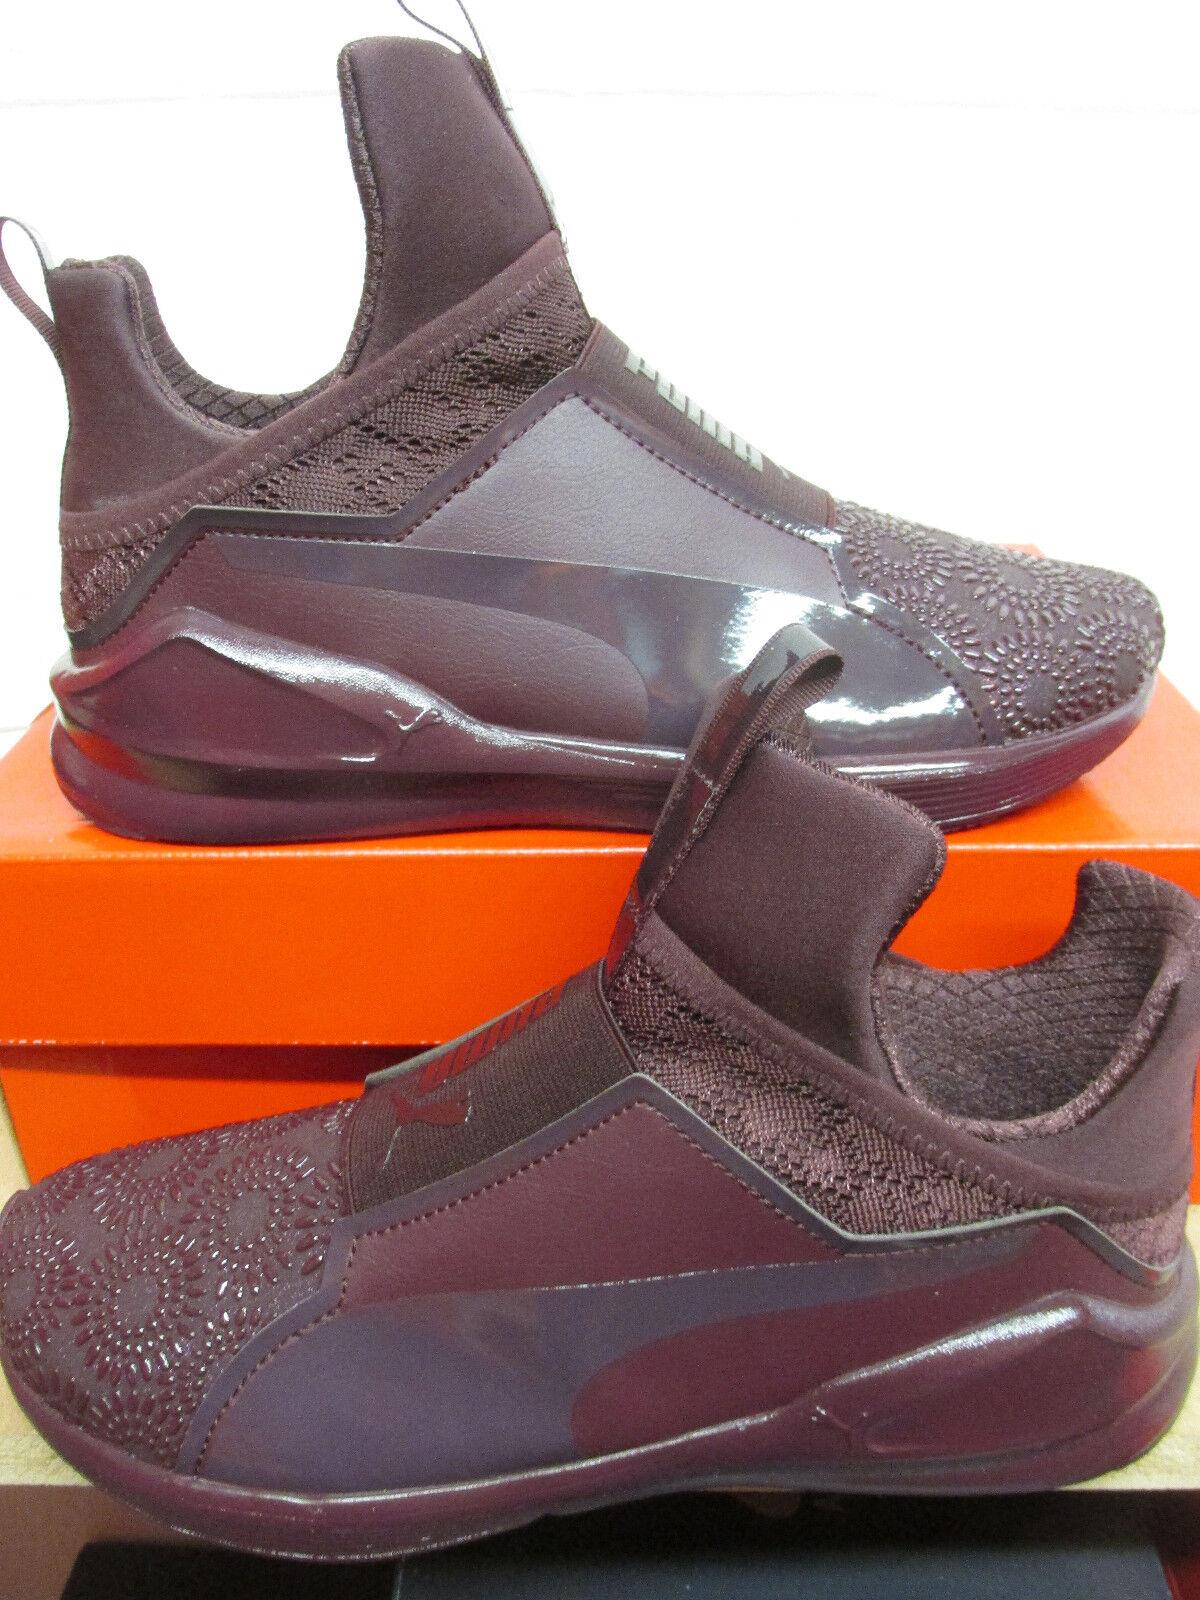 Puma Feroce Classici Da Donna 189866 Sneaker Alte Scarpe Sneakers 189866 Donna 02 a53107